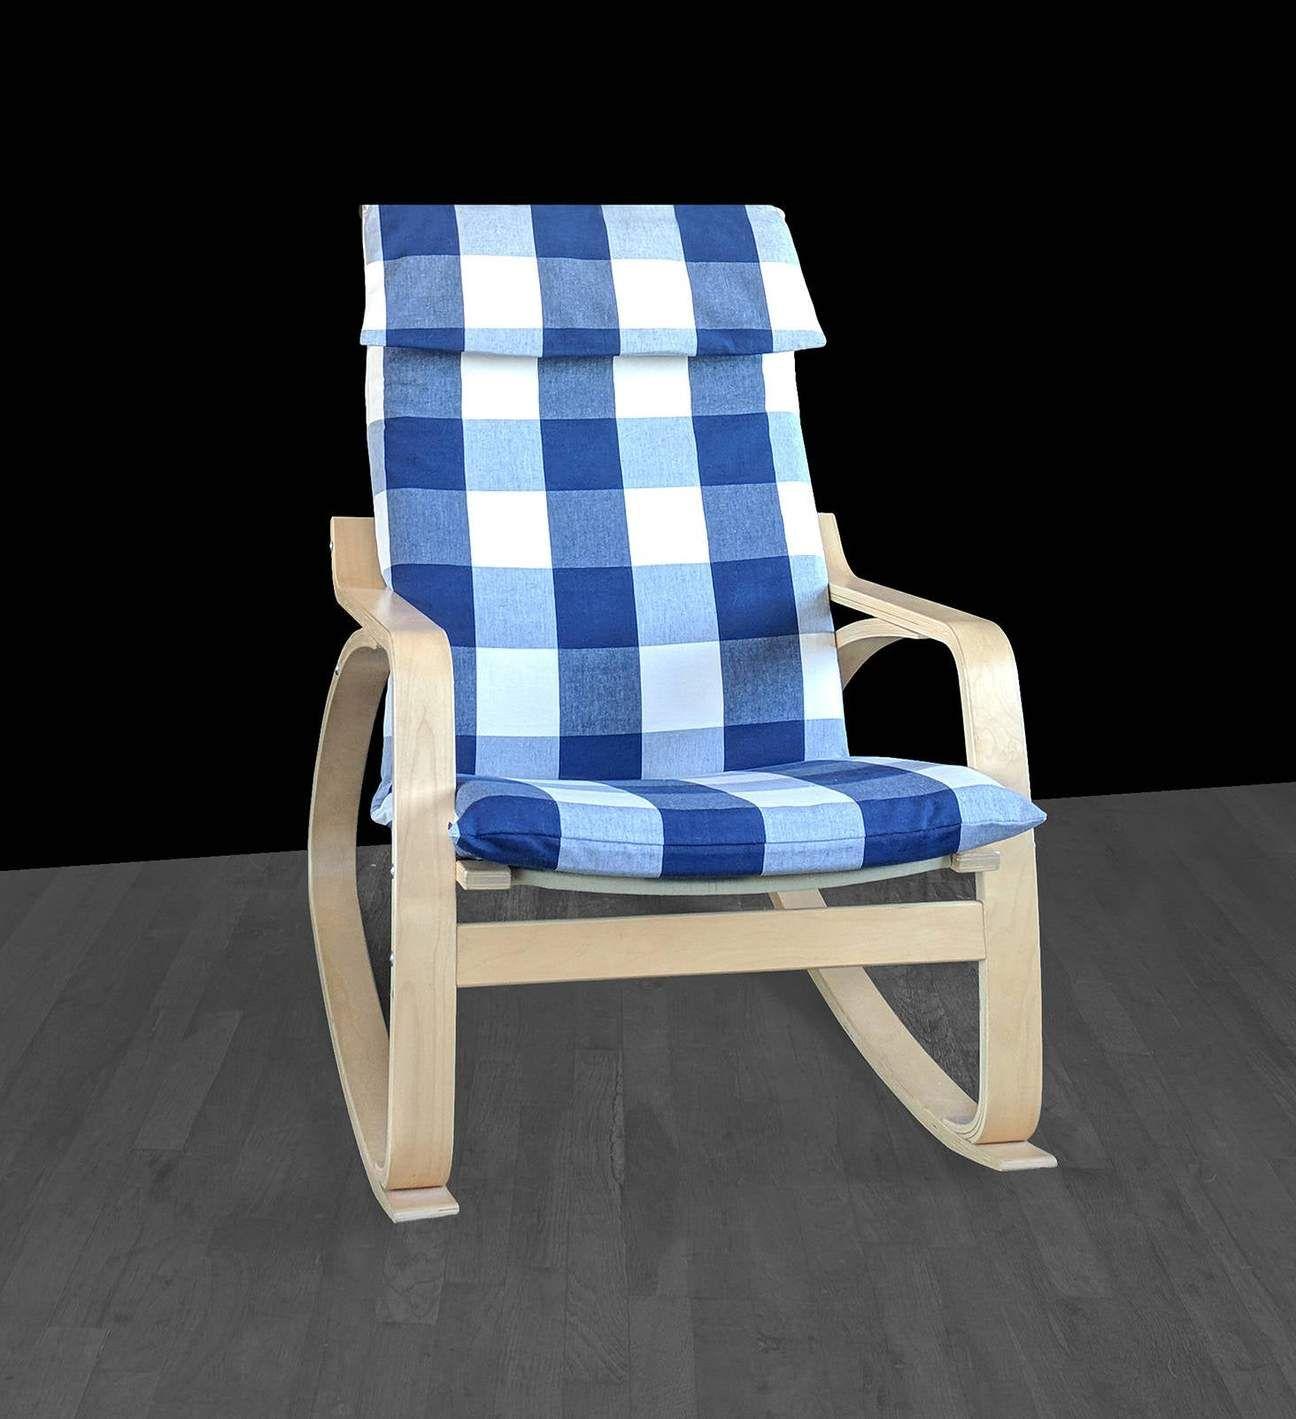 IKEA POÄNG Chair Cover, Buffalo Check Navy Blue in 2020